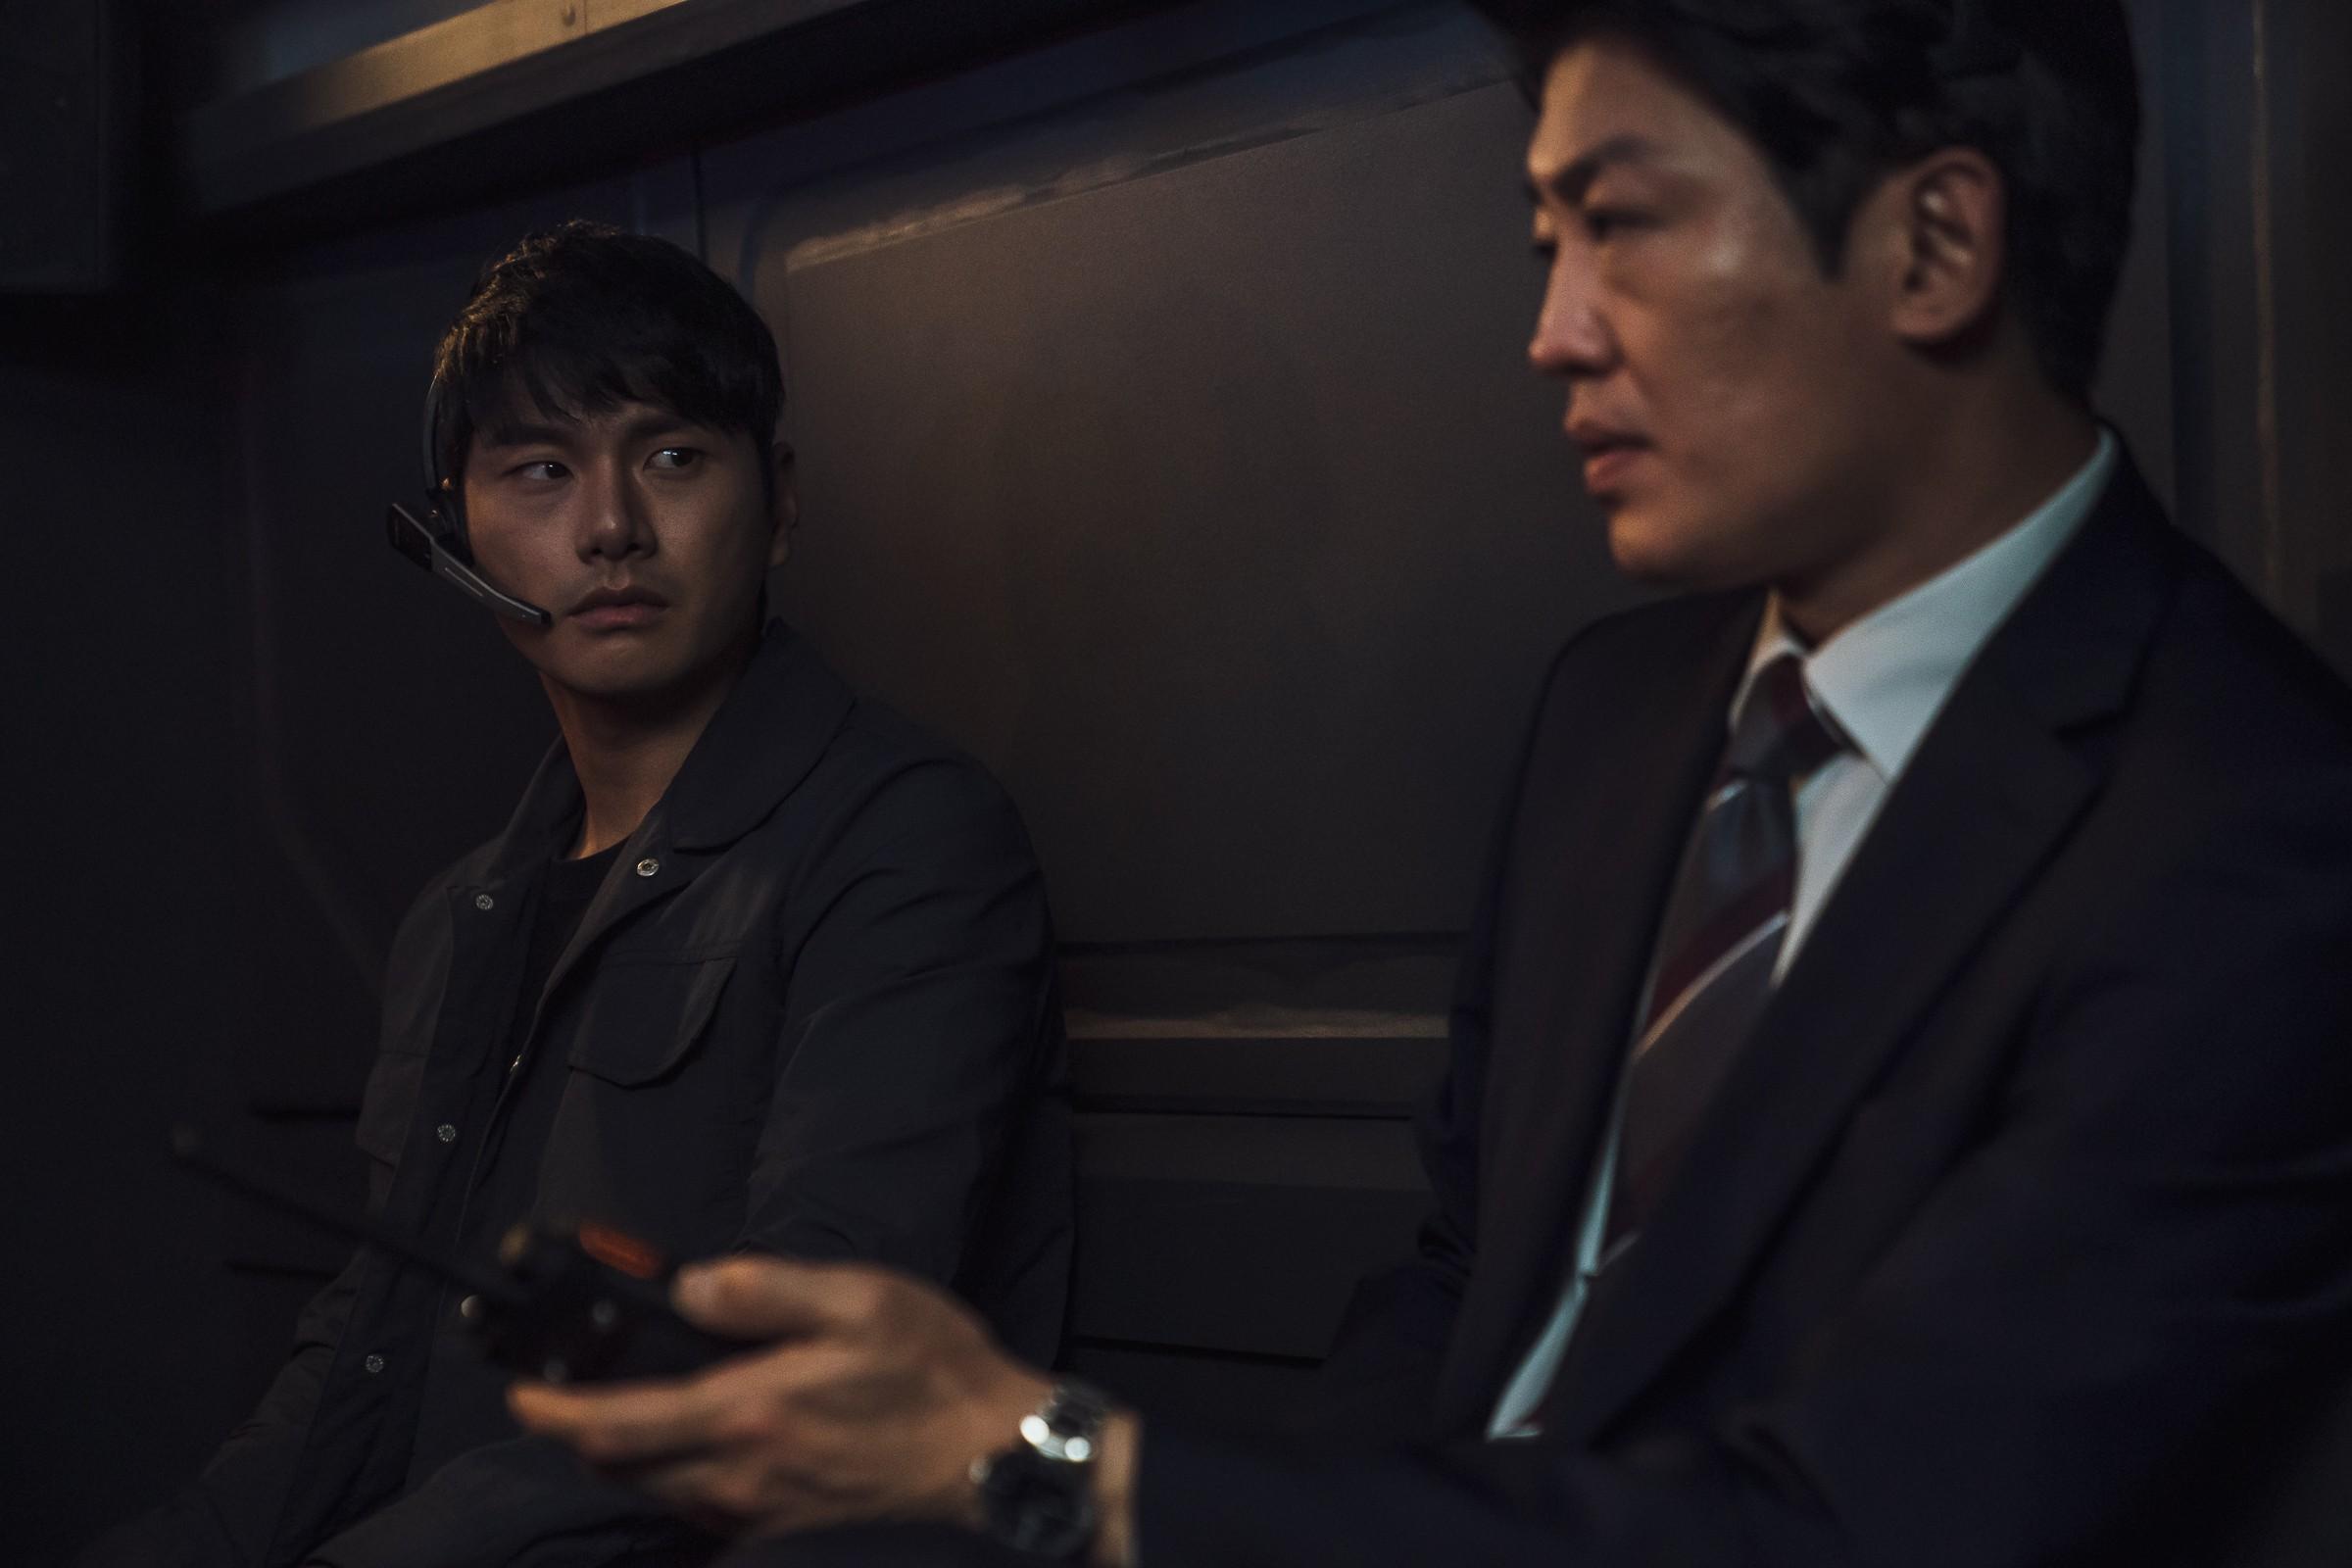 《大畫特務》李伊庚(左)、許城泰(右)互飆髒話片段讓觀眾笑翻